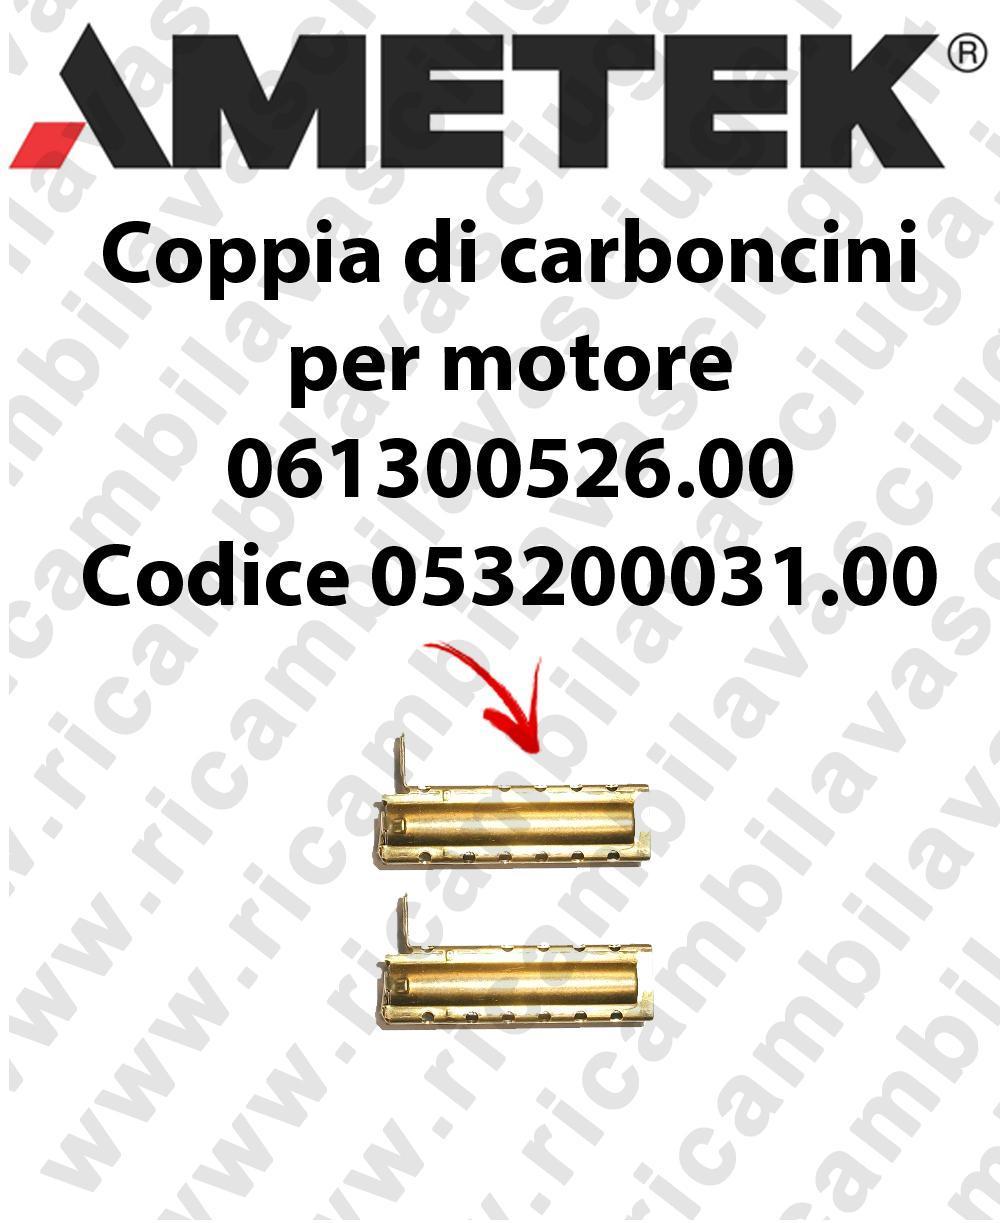 Couple du Carbon MOTEUR ASPIRATION pour MOTEUR  Ametek 061300526.00 Cod: 053200031.00